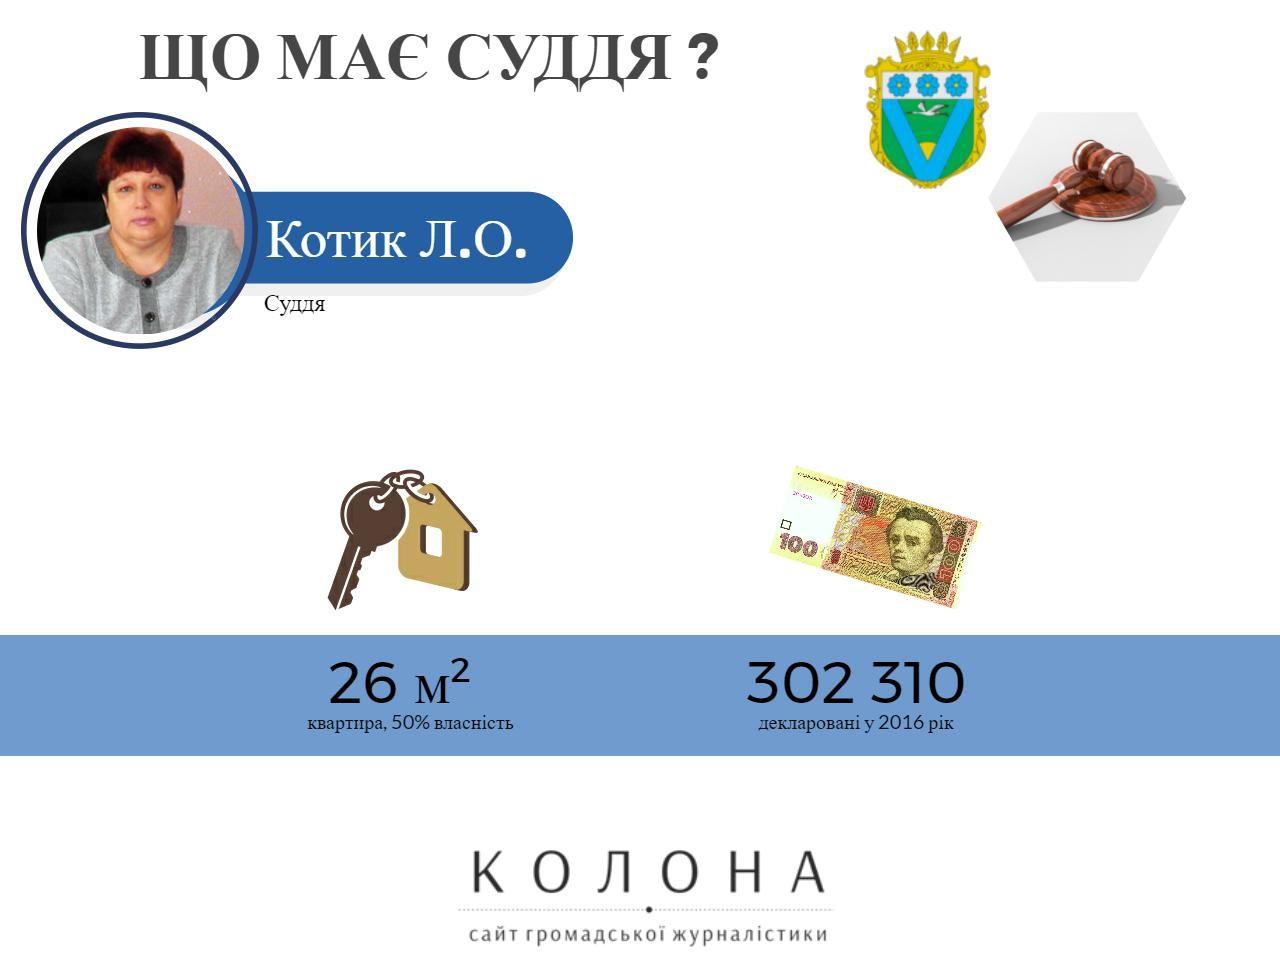 Котик Людмила Олександрівна.Володимирецький районний суд 2